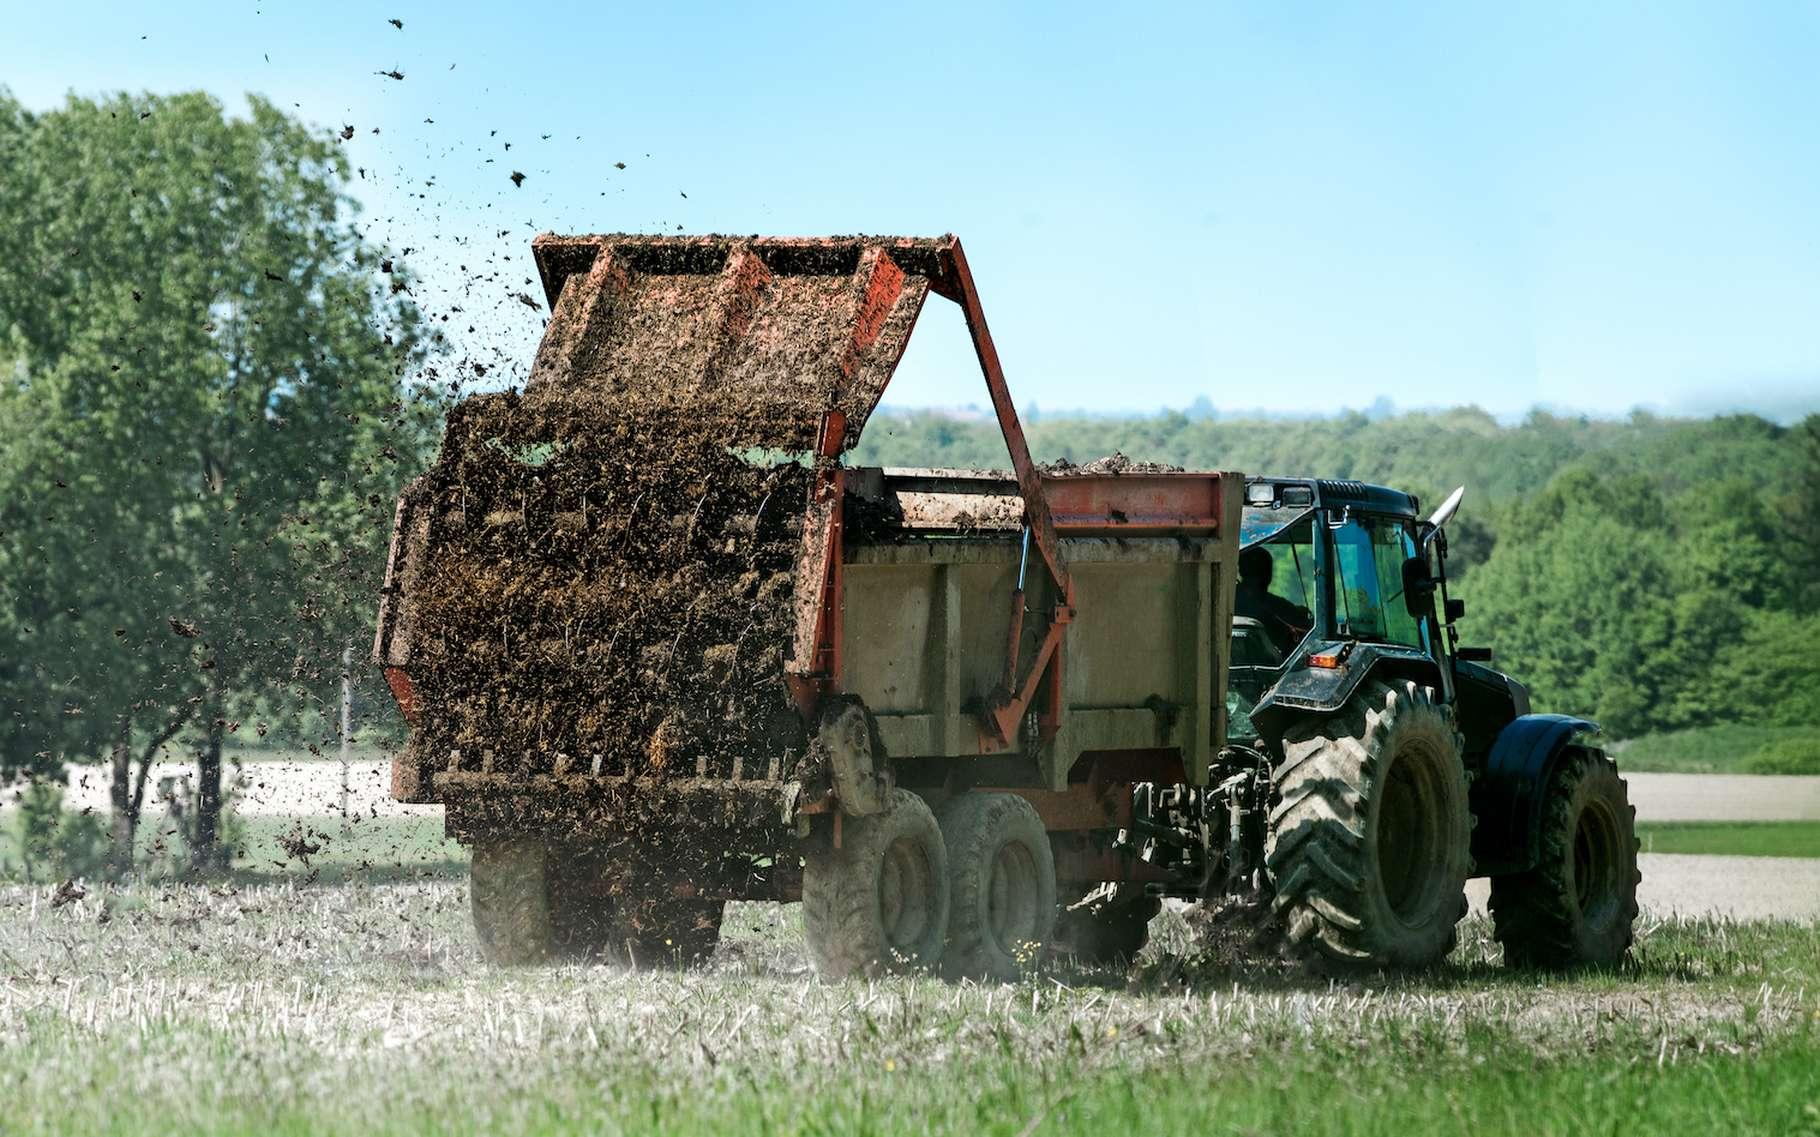 Le pic de pollution observé ce week-end sur la France n'est pas seulement dû aux épandages agricoles. © Maurice Metzger, Adobe Stock